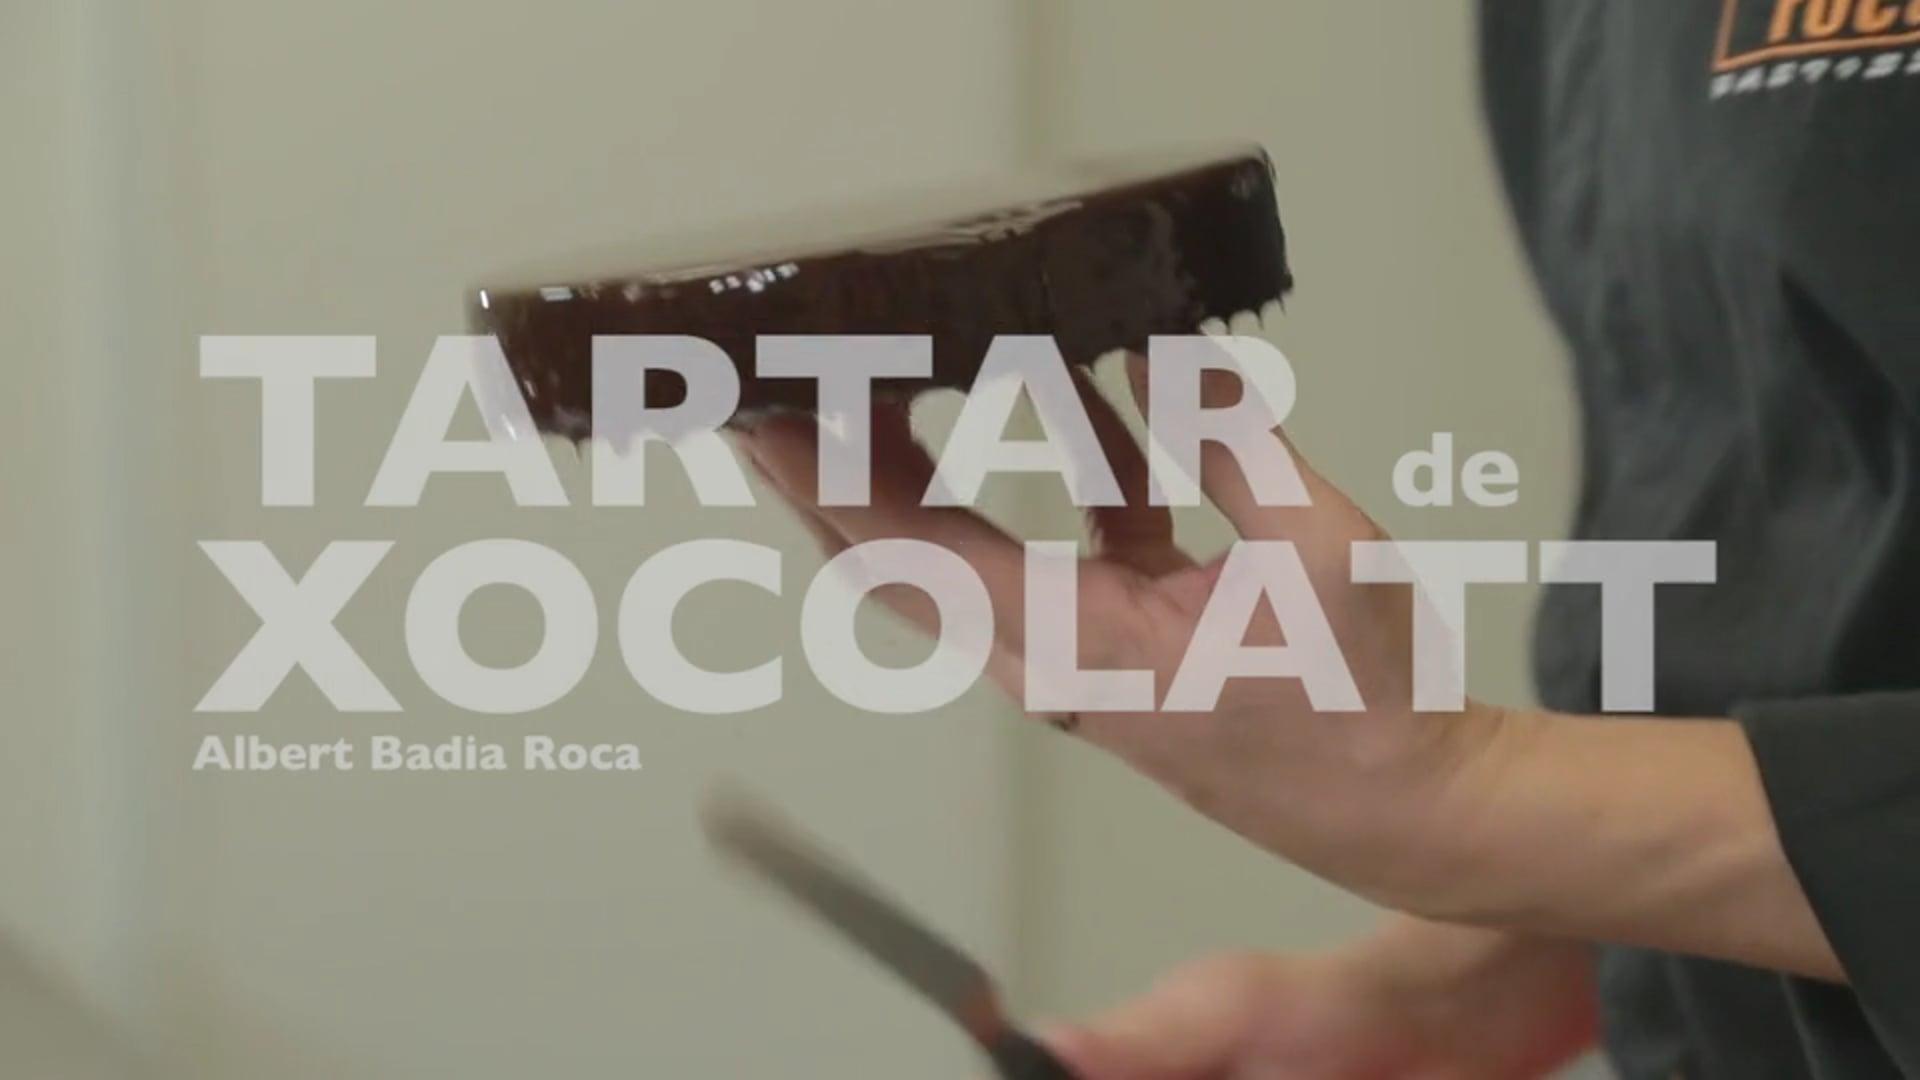 Tartar Xocolatt